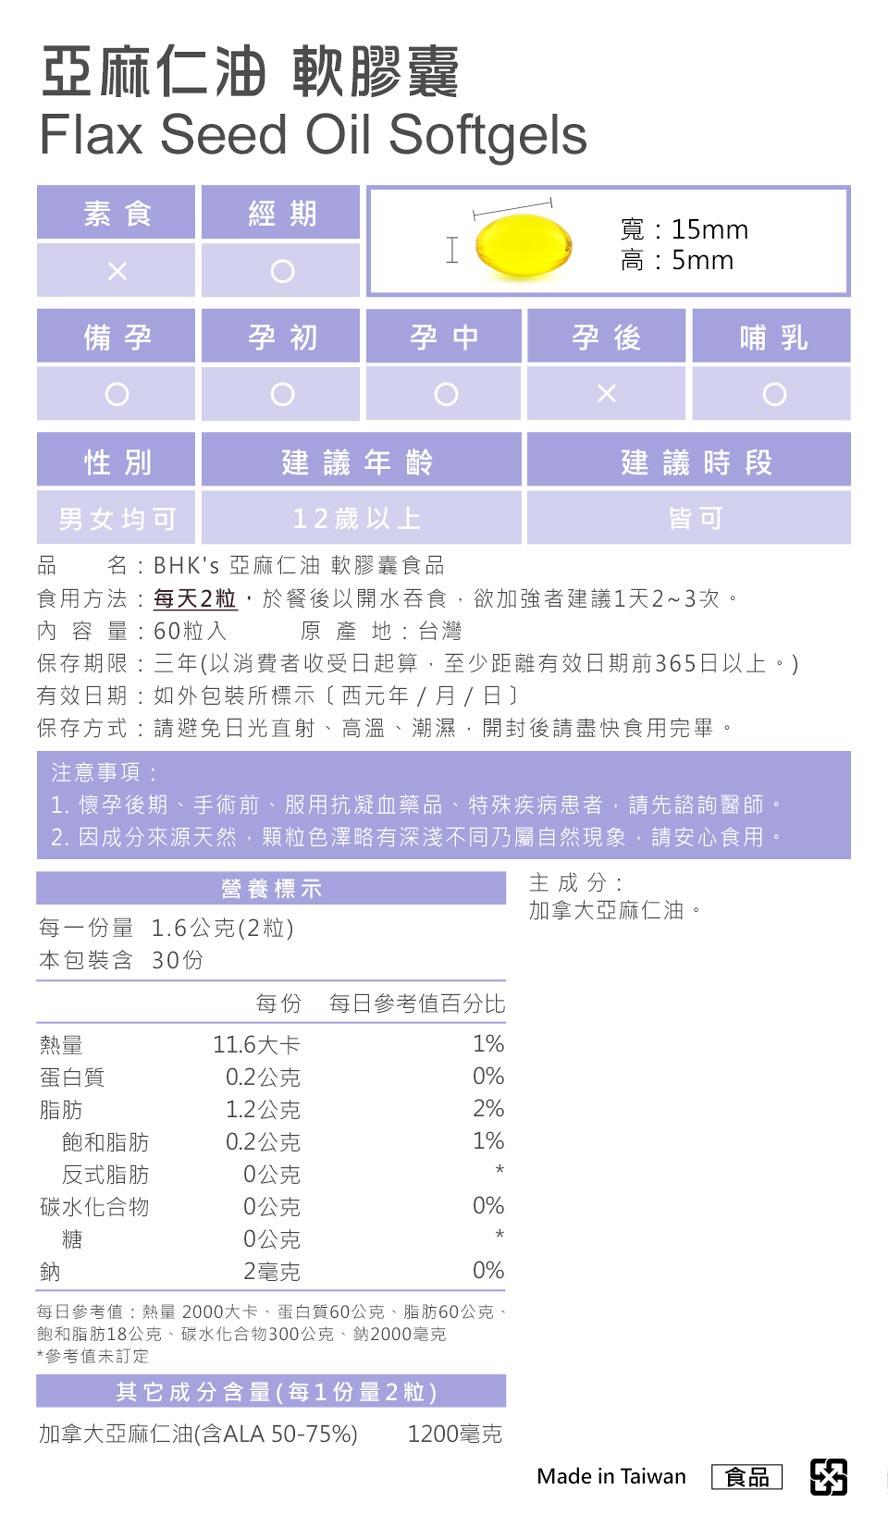 BHK's亞麻仁油通過安全檢驗,安全無慮,無副作用